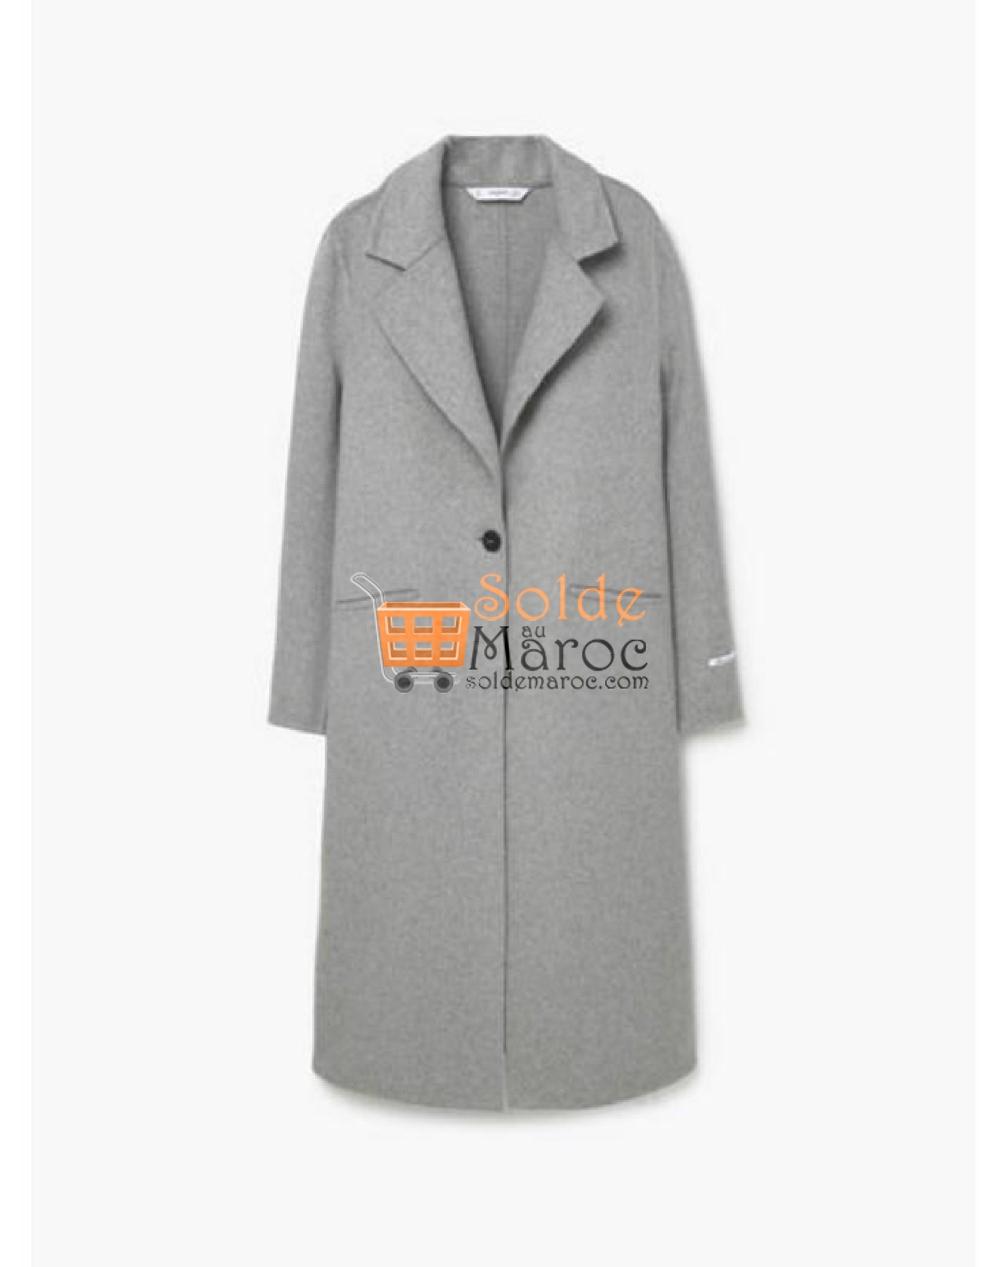 mango-maroc-manteau_038